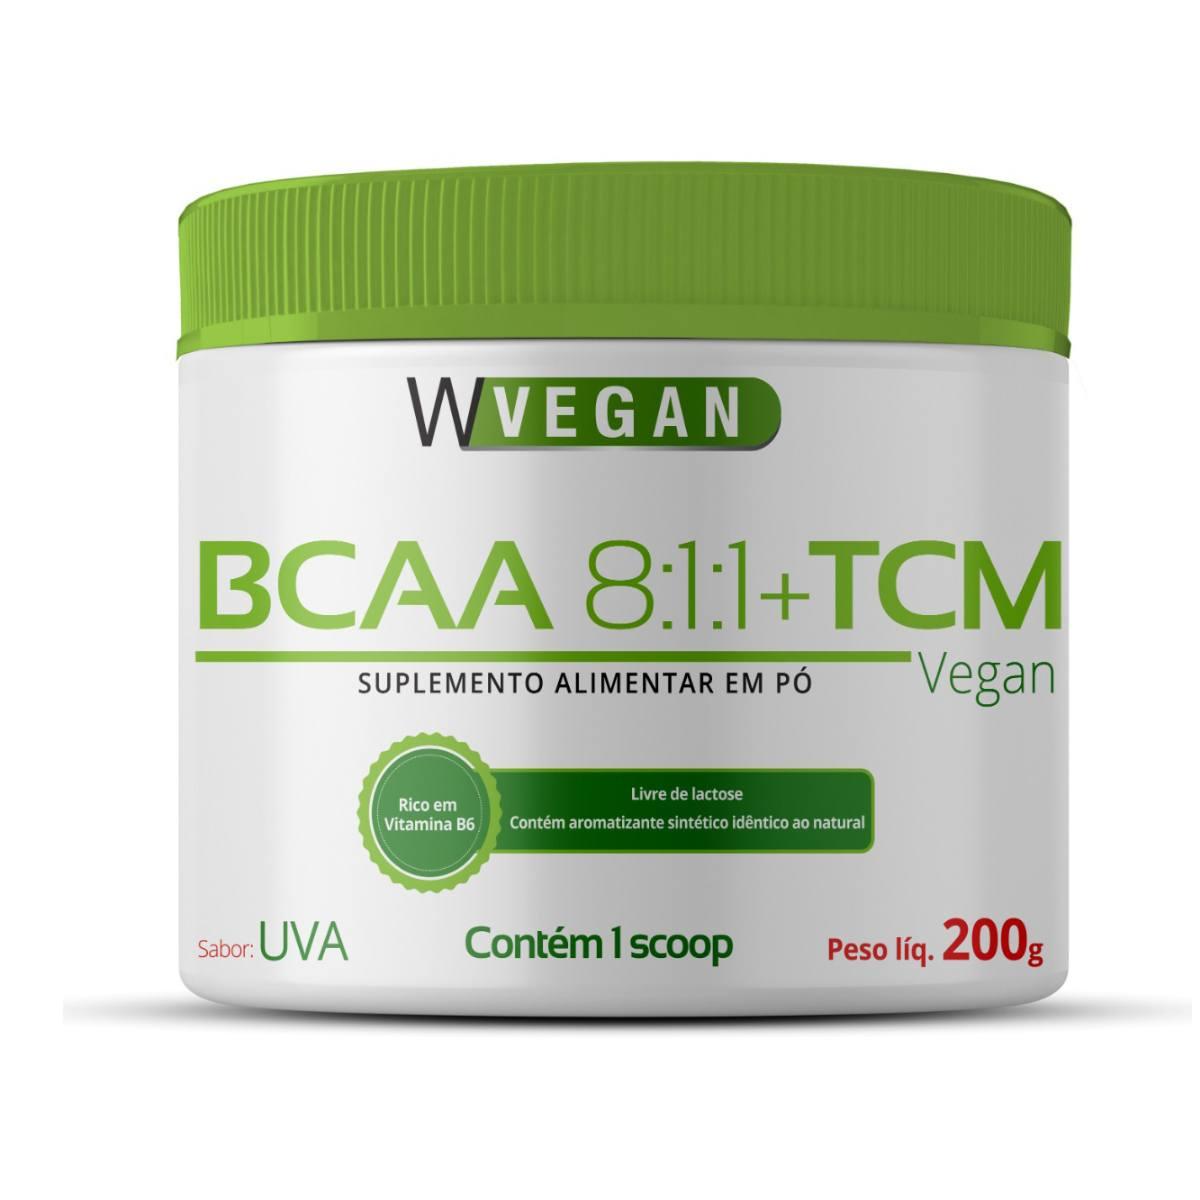 BCAA + TCM 200g Sabor Uva WVegan